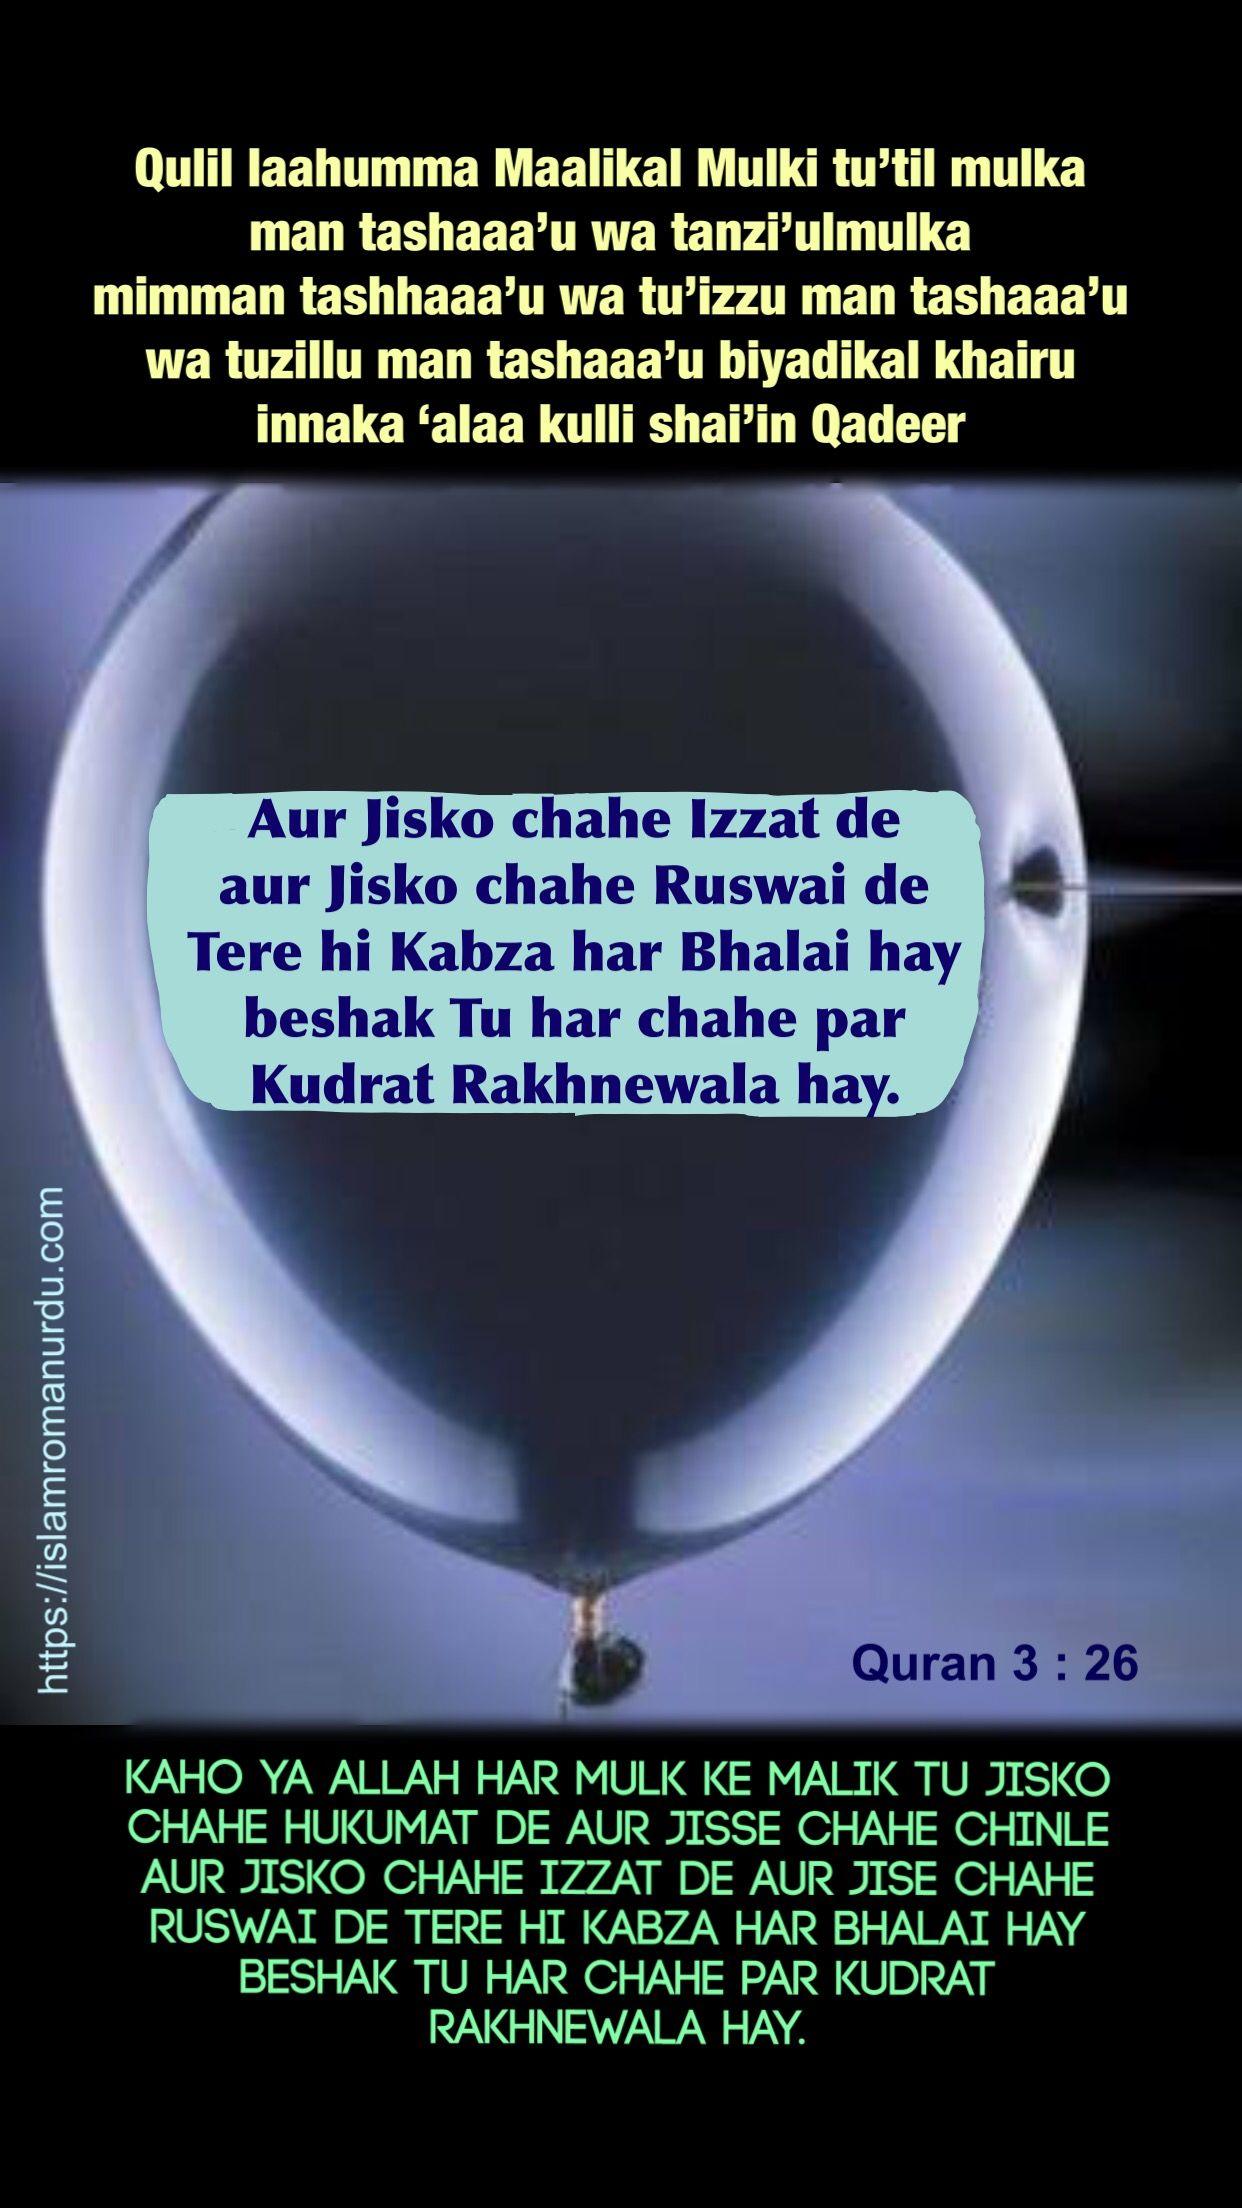 Quran 3 : 26 Qulil laahumma Maalikal Mulki tu'til mulka man